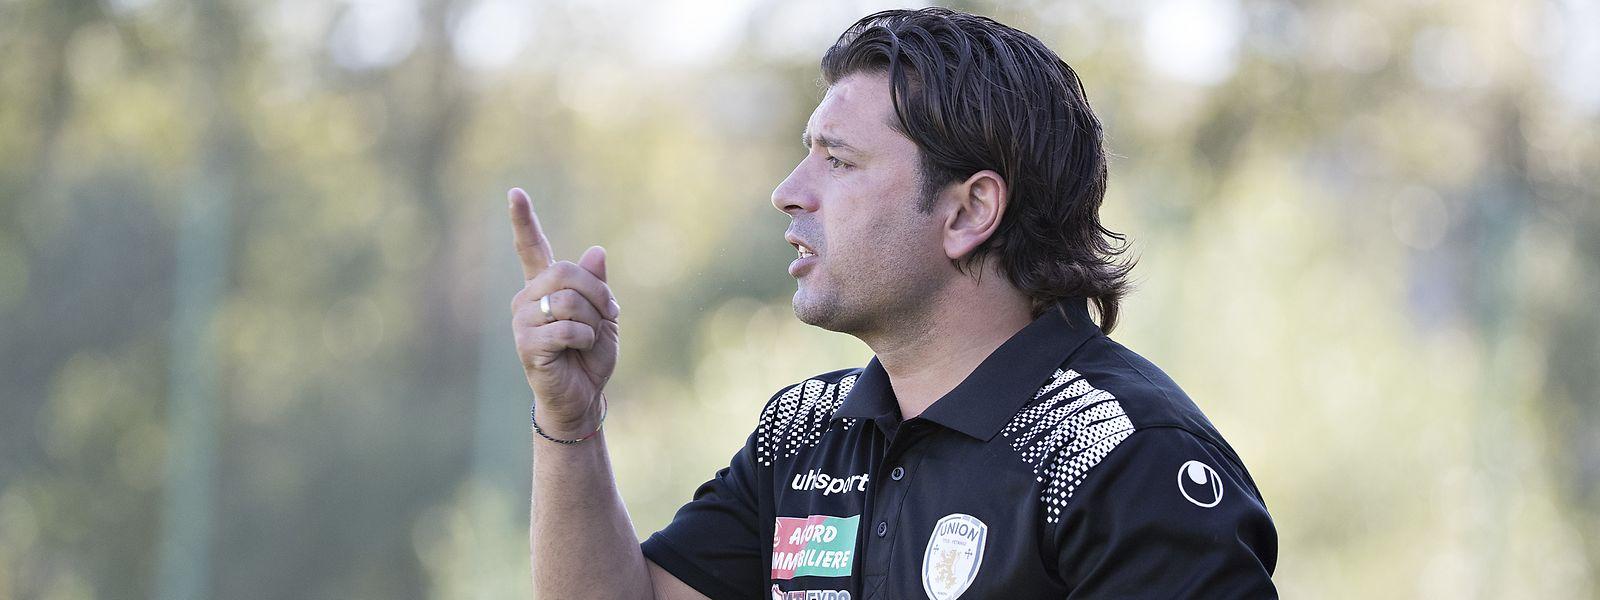 Titus-Trainer Carlos Fangueiro braucht gegen Fola einen guten Plan.